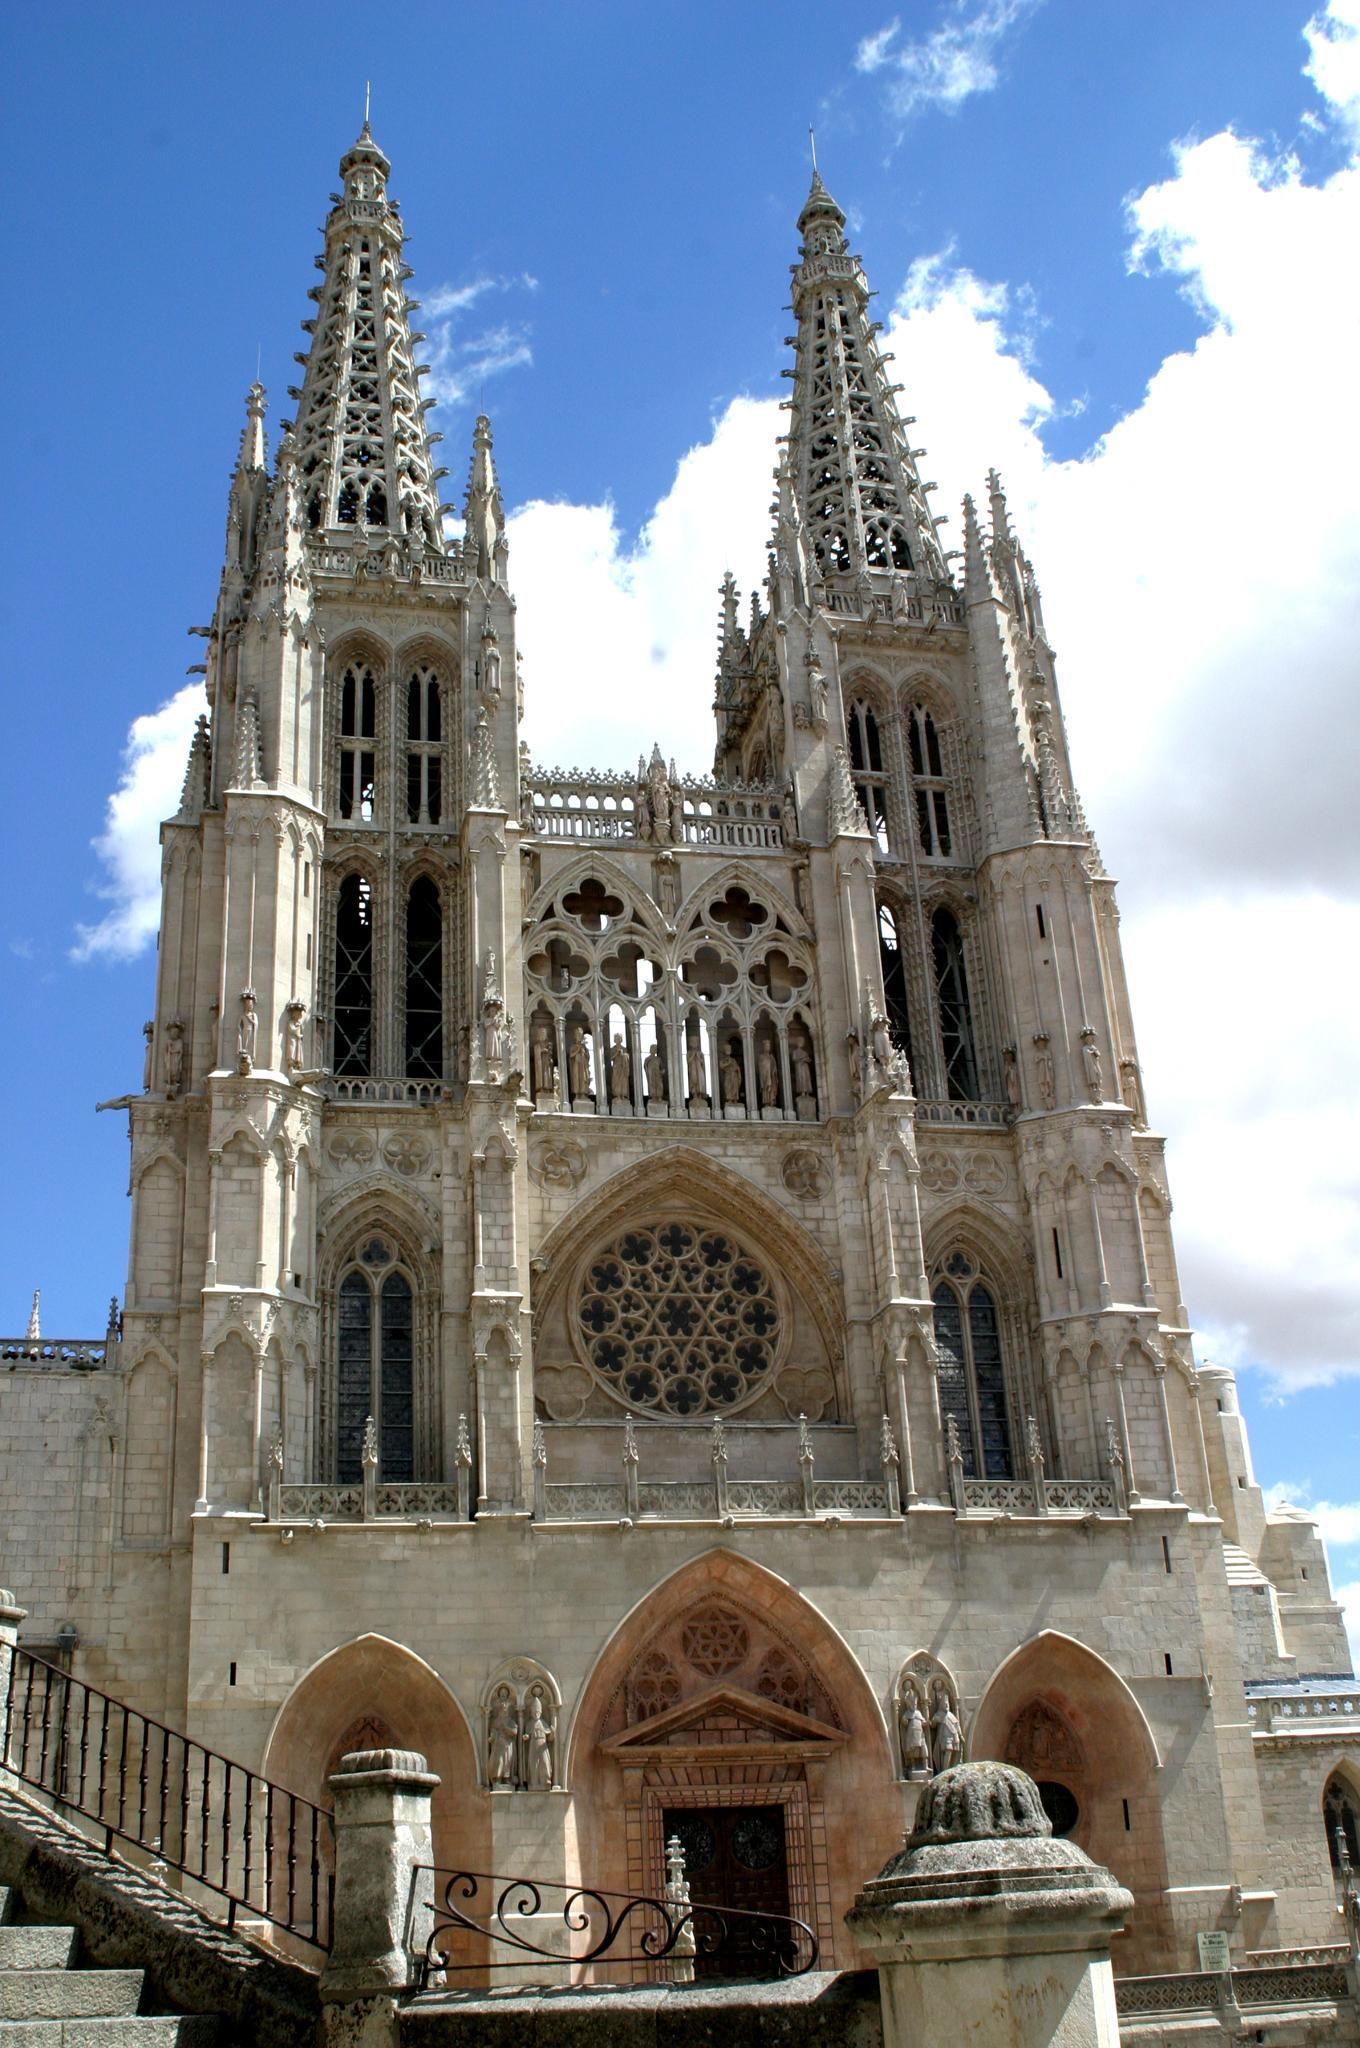 Arquitectura g tica espa ola fachada de la catedral de for Arquitectura espanola